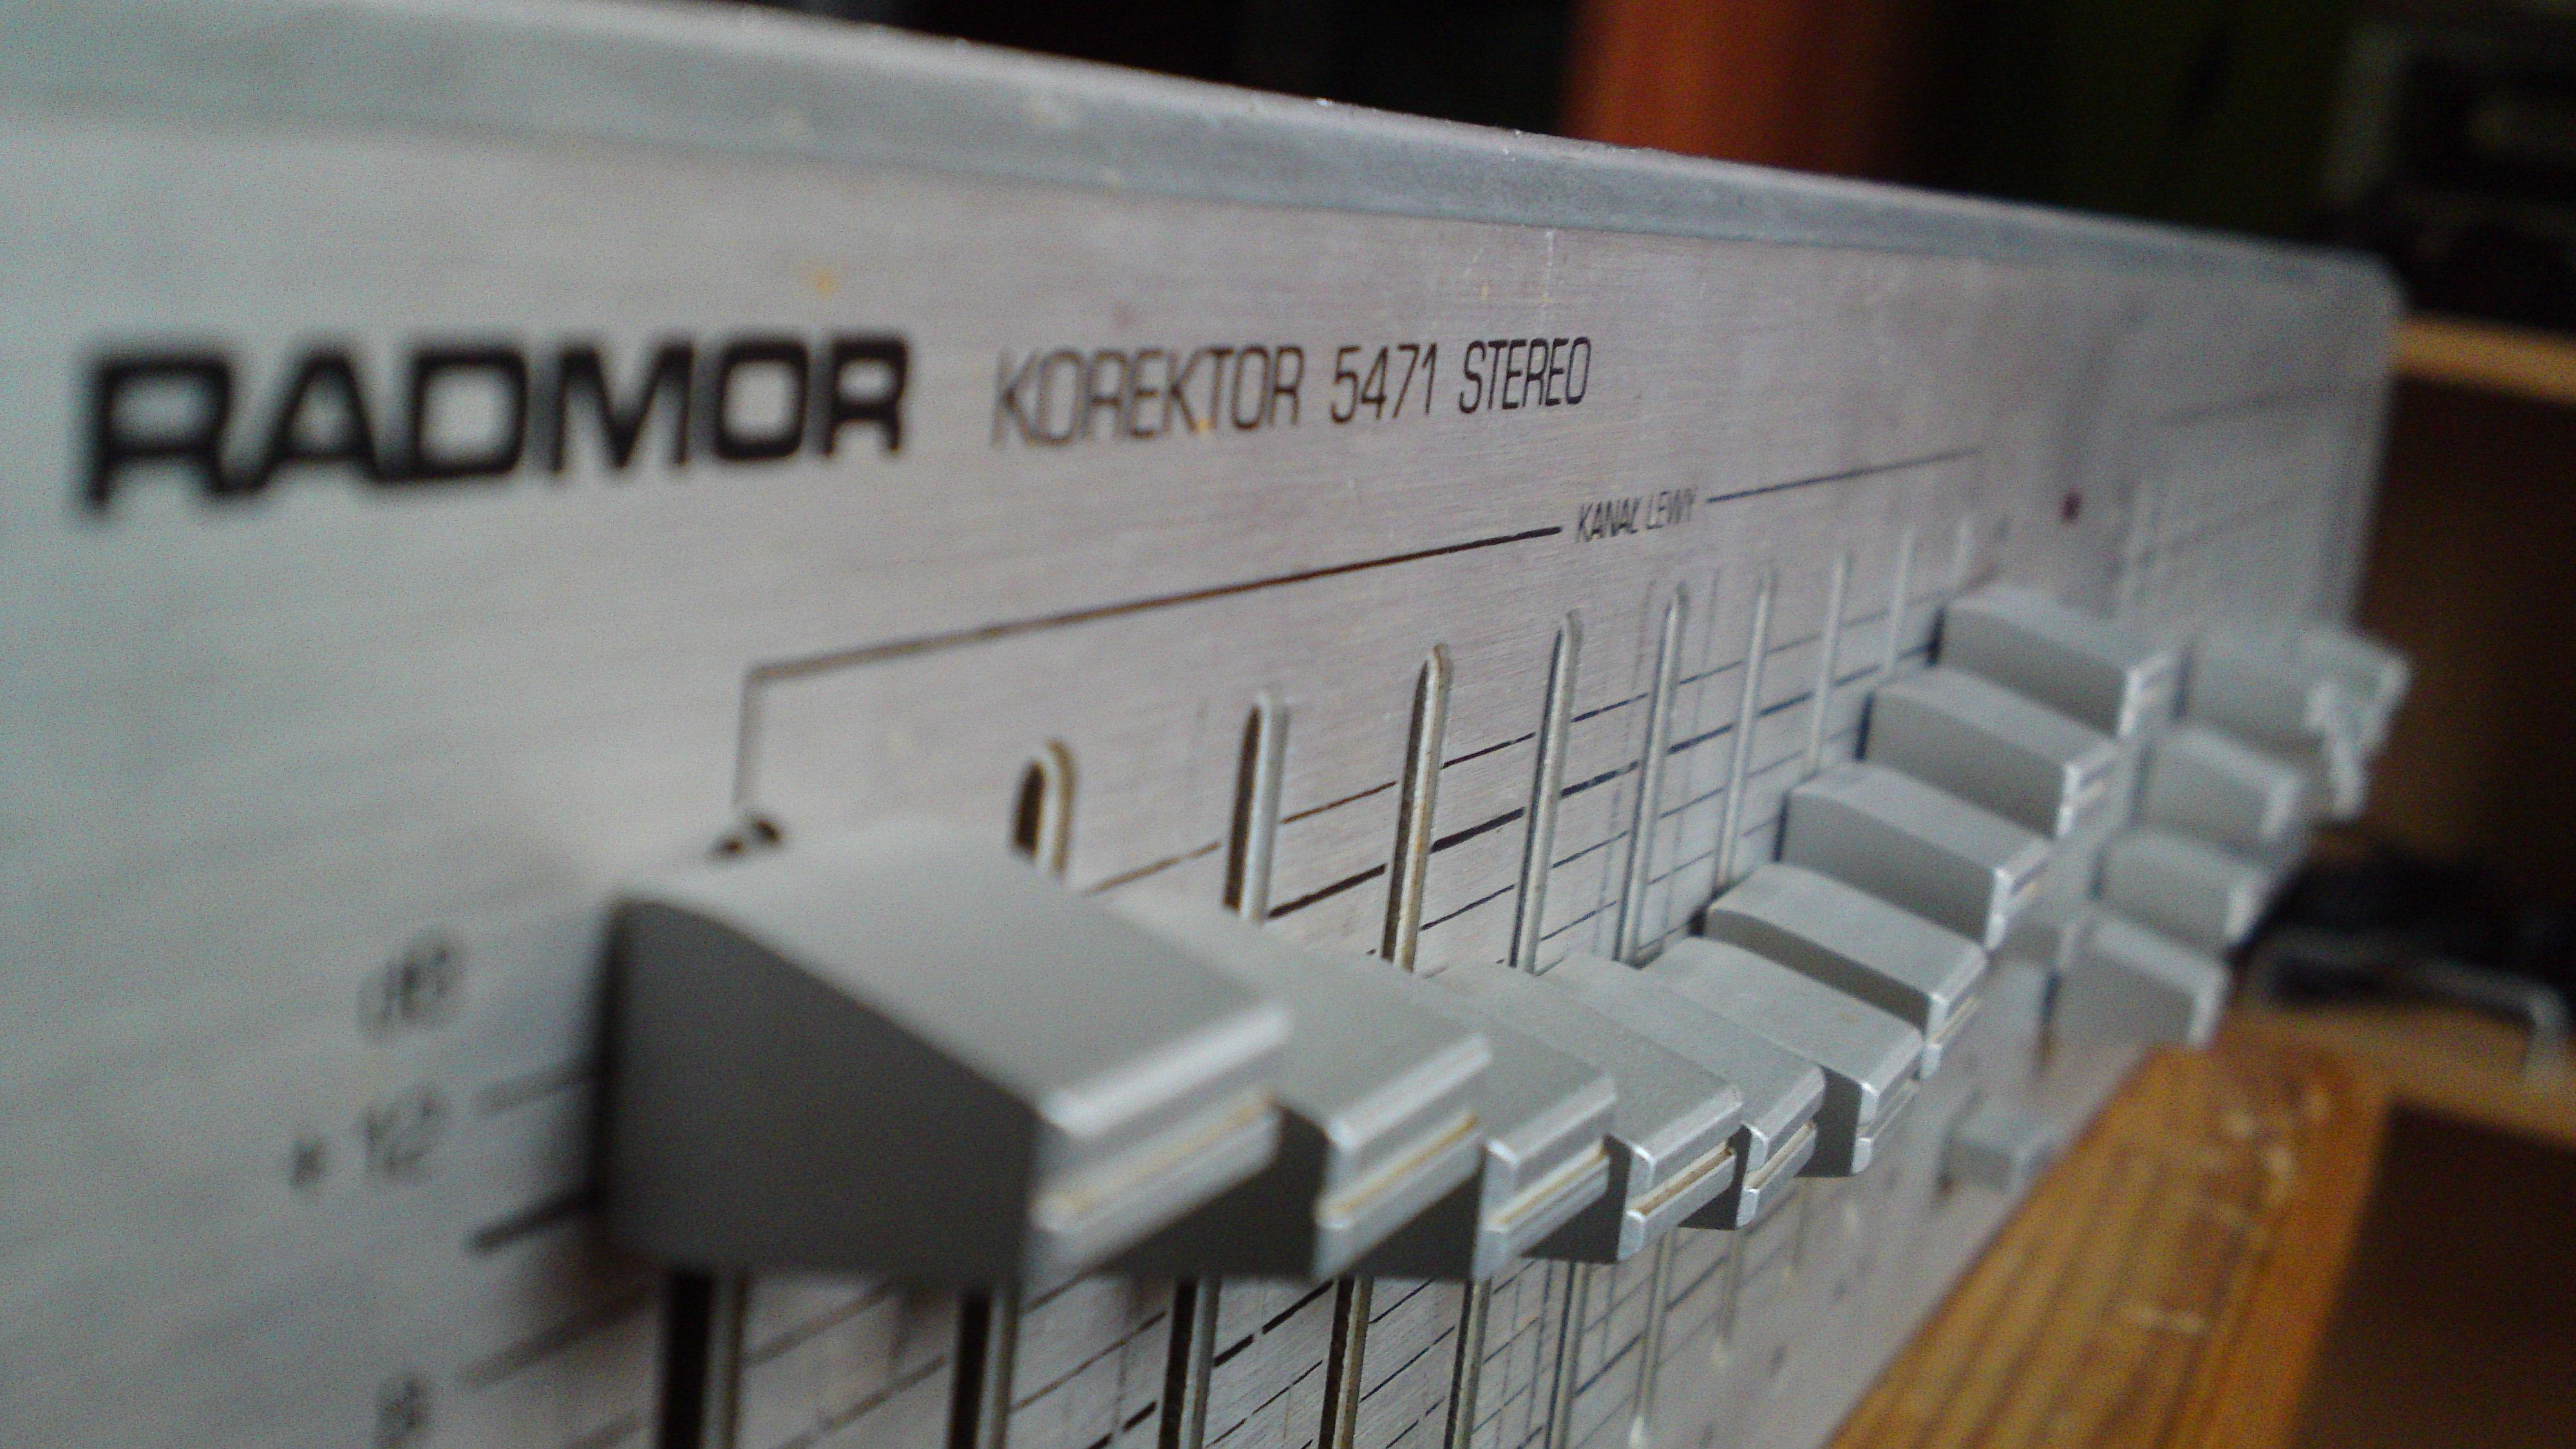 [Sprzedam] Unitra Radmor - Korektor graficzny 5471 stereo